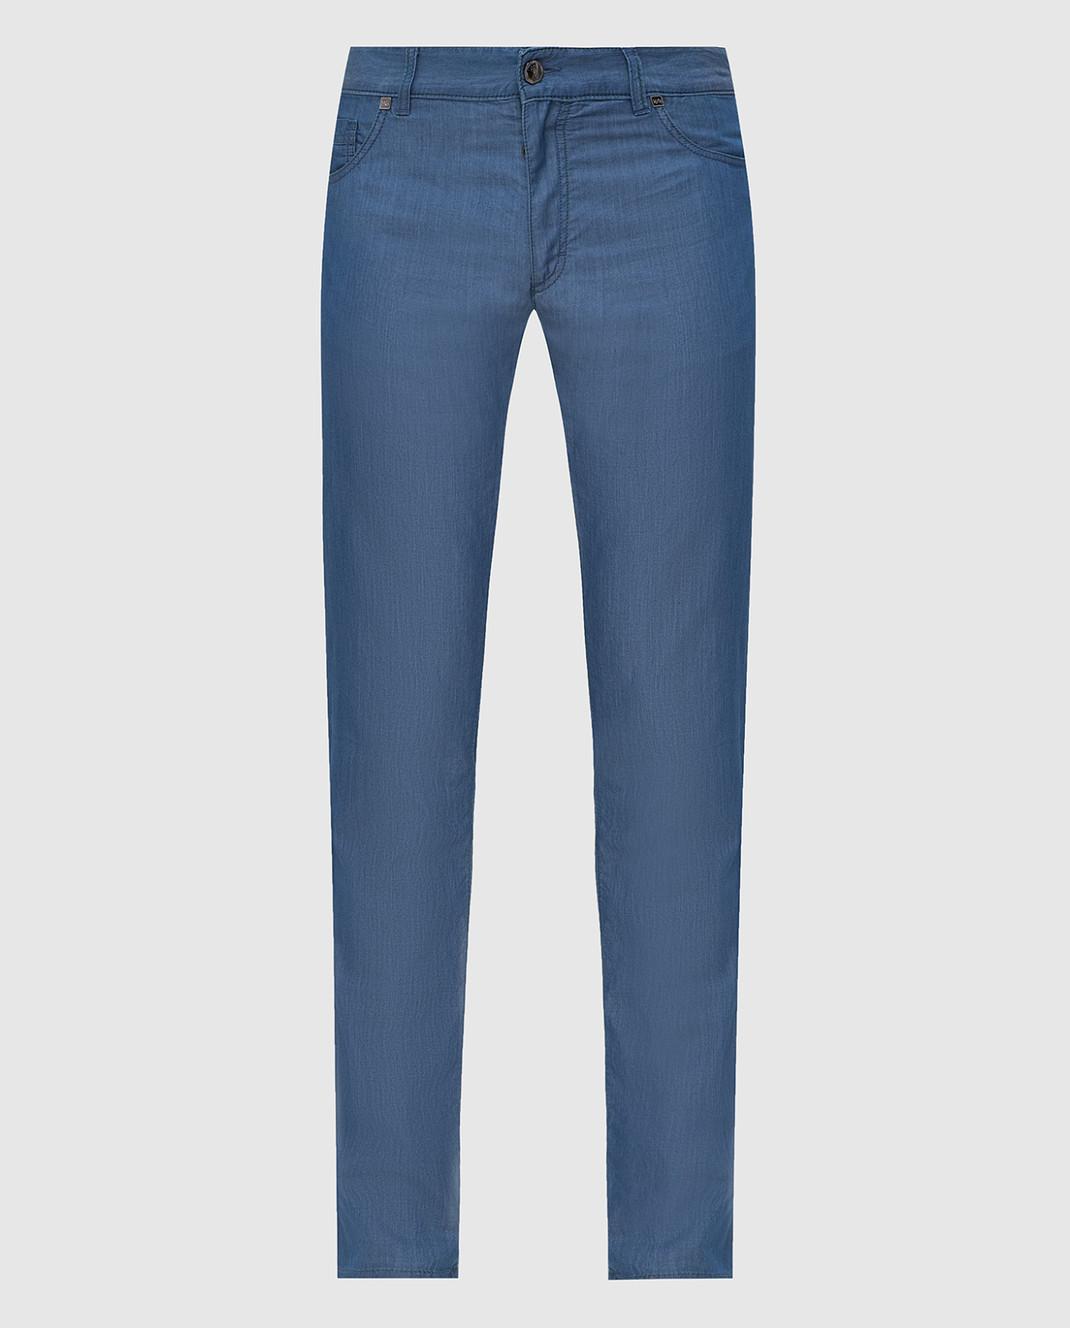 Castello d'Oro Синие джинсы изображение 1